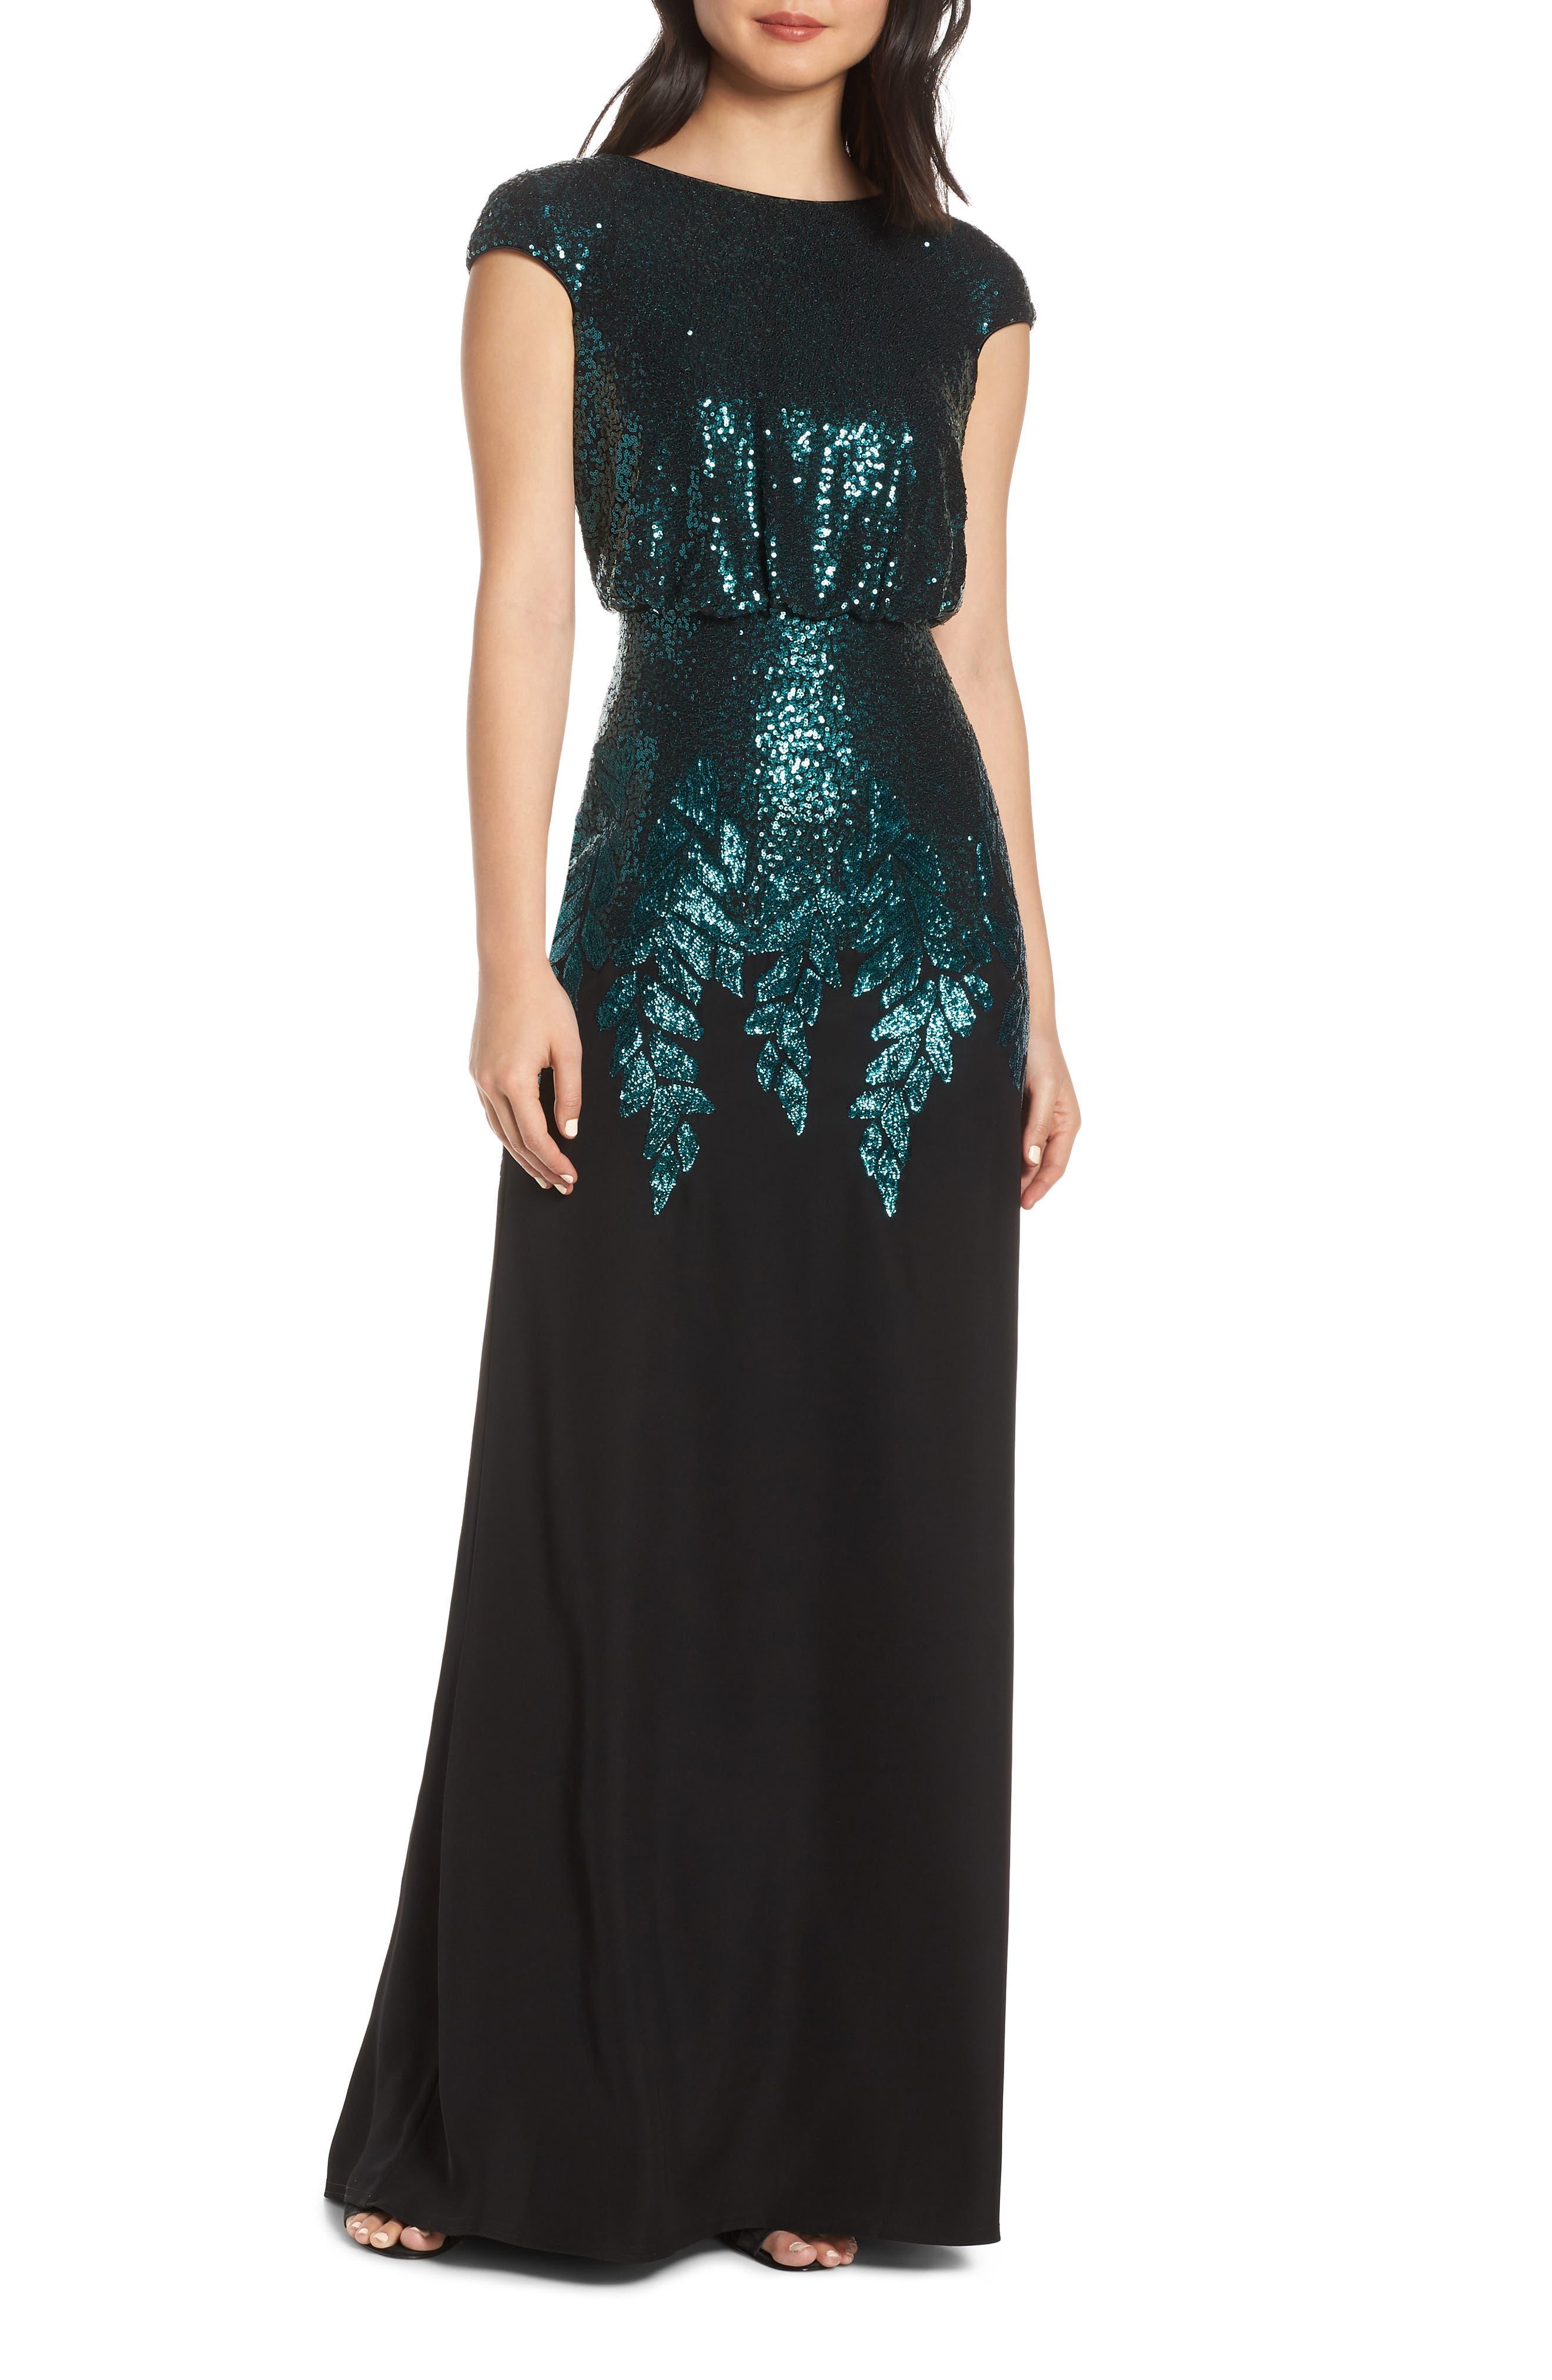 Tadashi Shoji Sequin & Crepe Blouson Evening Dress, Black